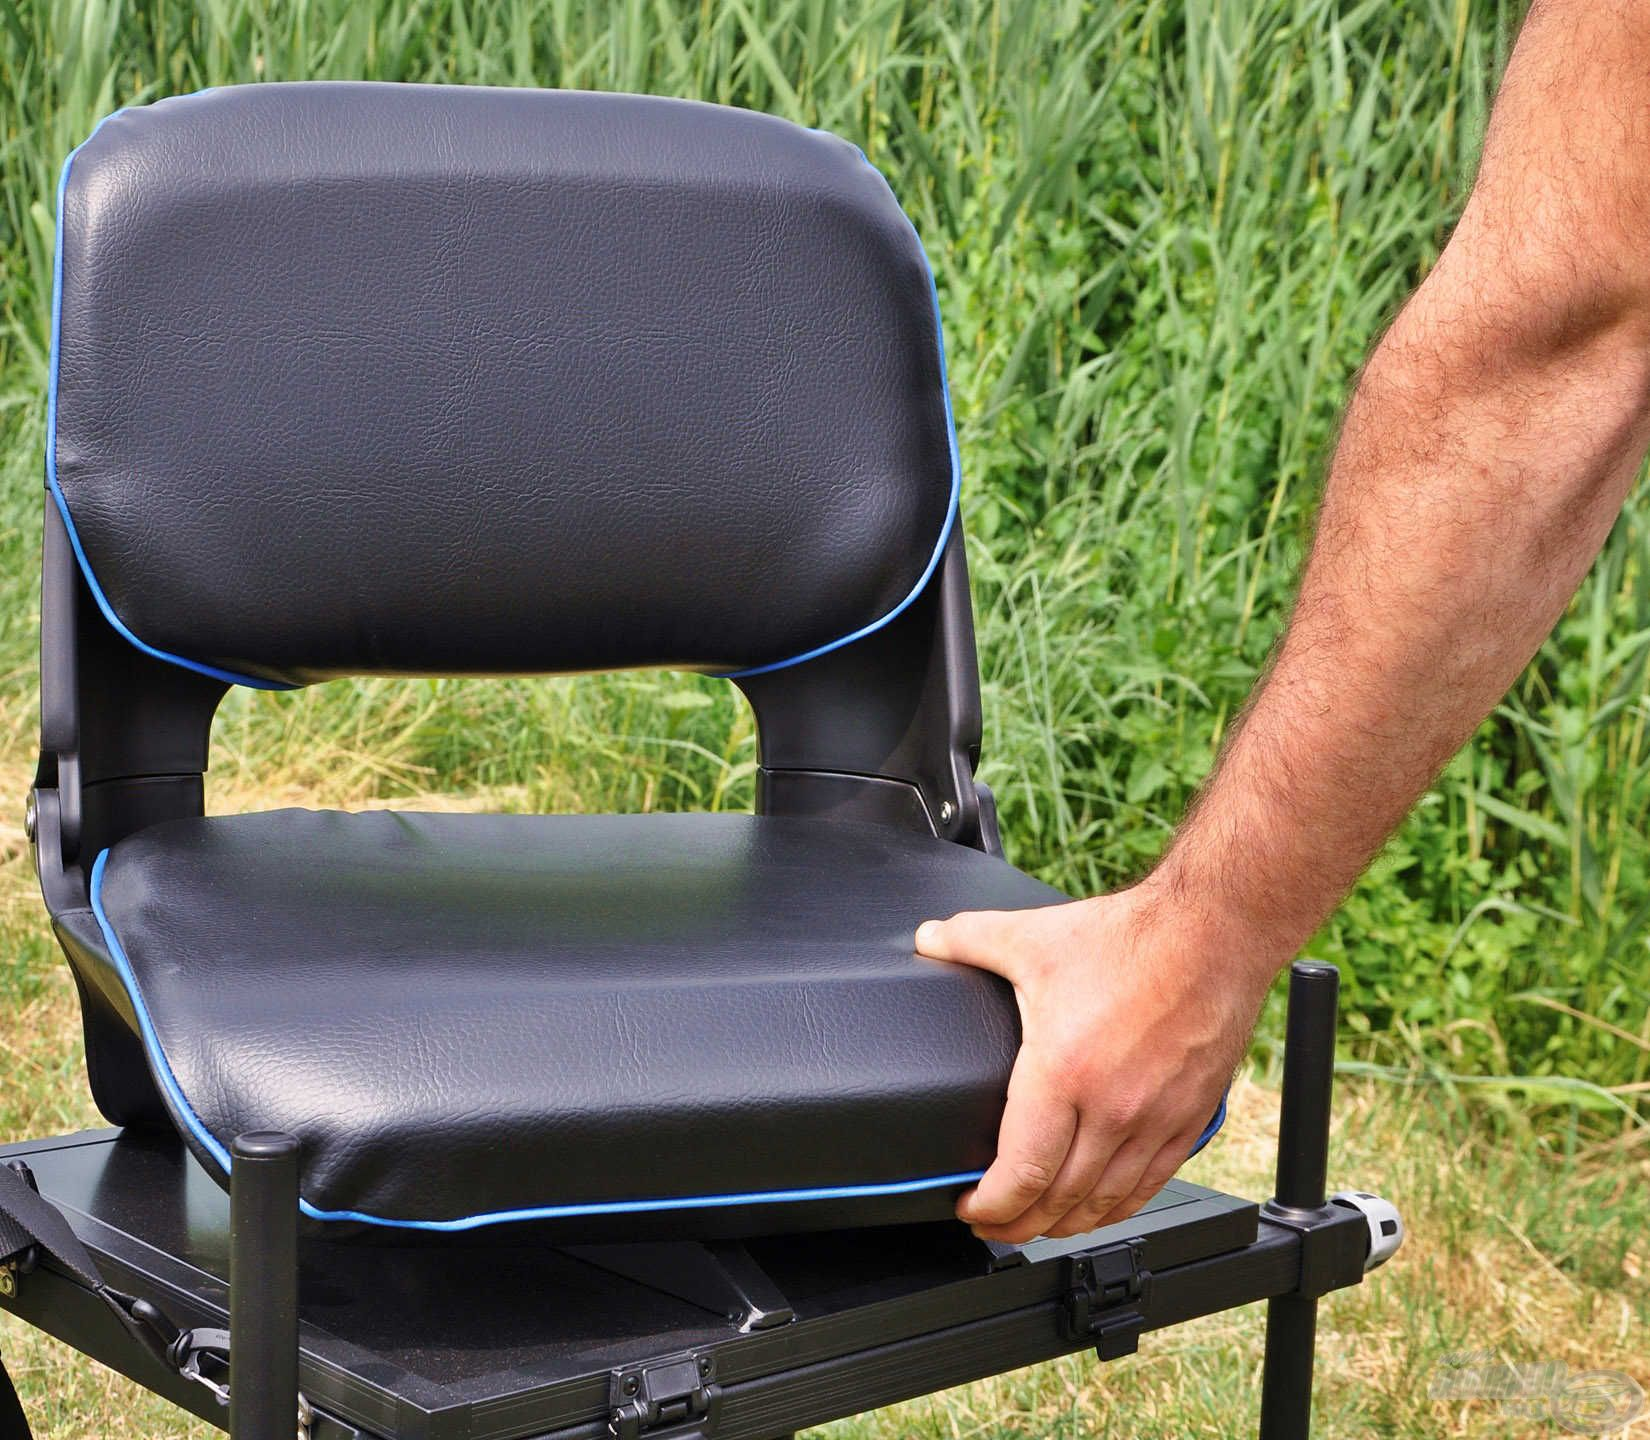 … amely lehetővé teszi, hogy a kényelmes ülőke bármely oldal felé 360 fokban elforduljon